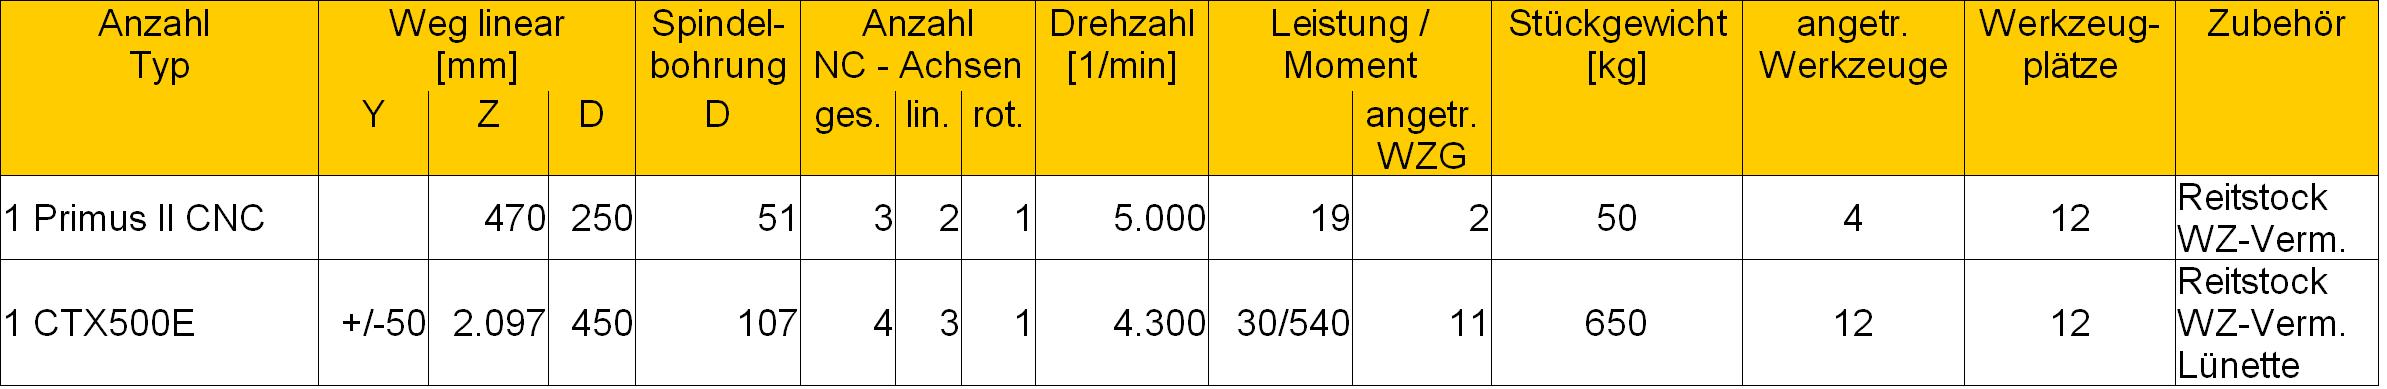 Maschinendaten_CNC_Drehen_20190221